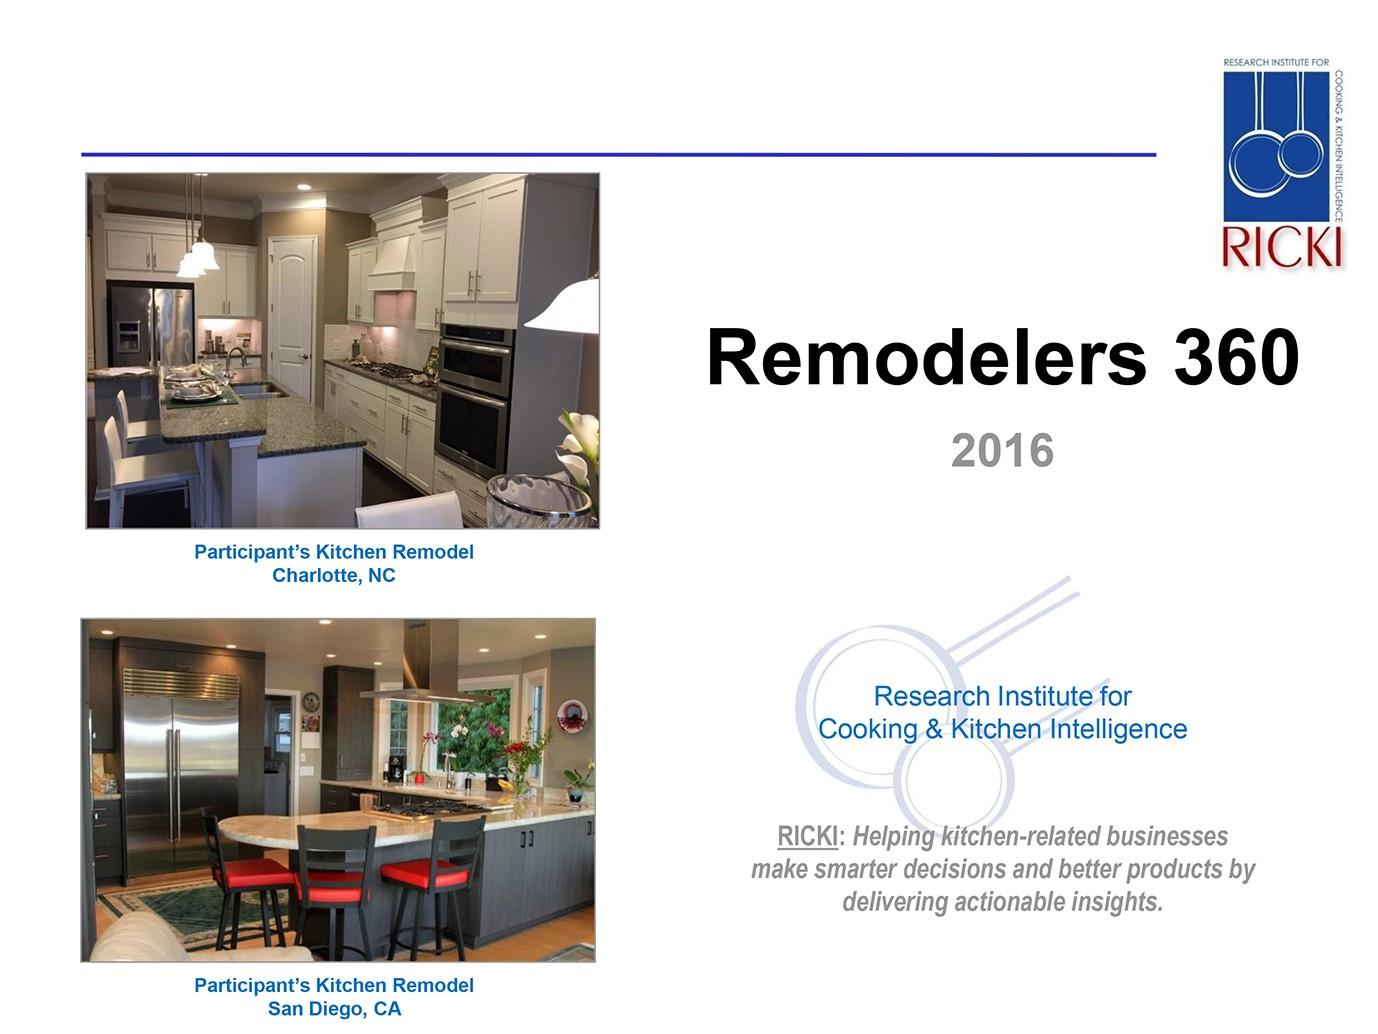 Remodelers 360 Report - 2016